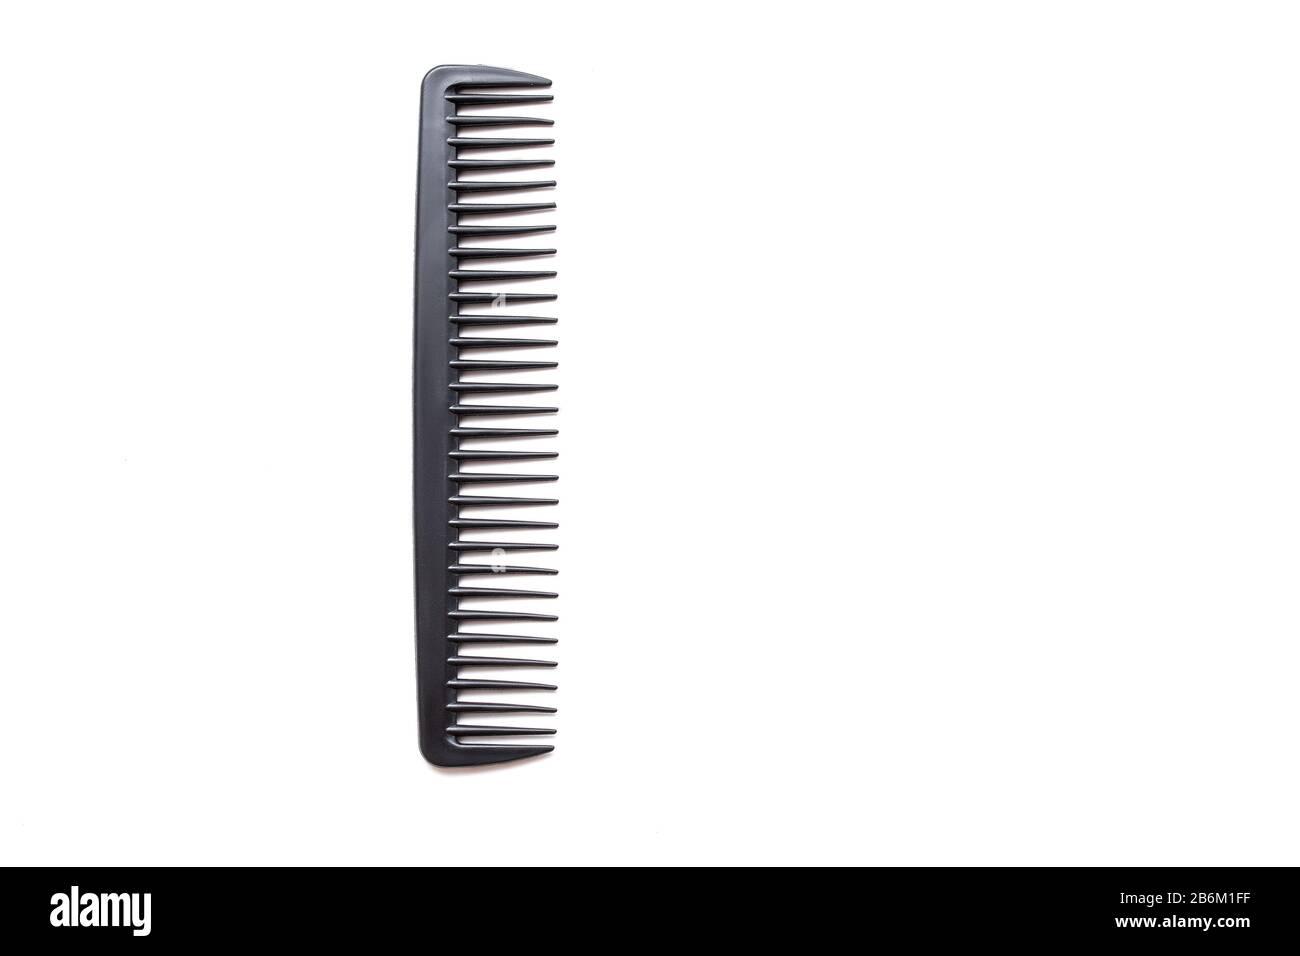 pettine barbiere nero su sfondo bianco isolato Foto Stock